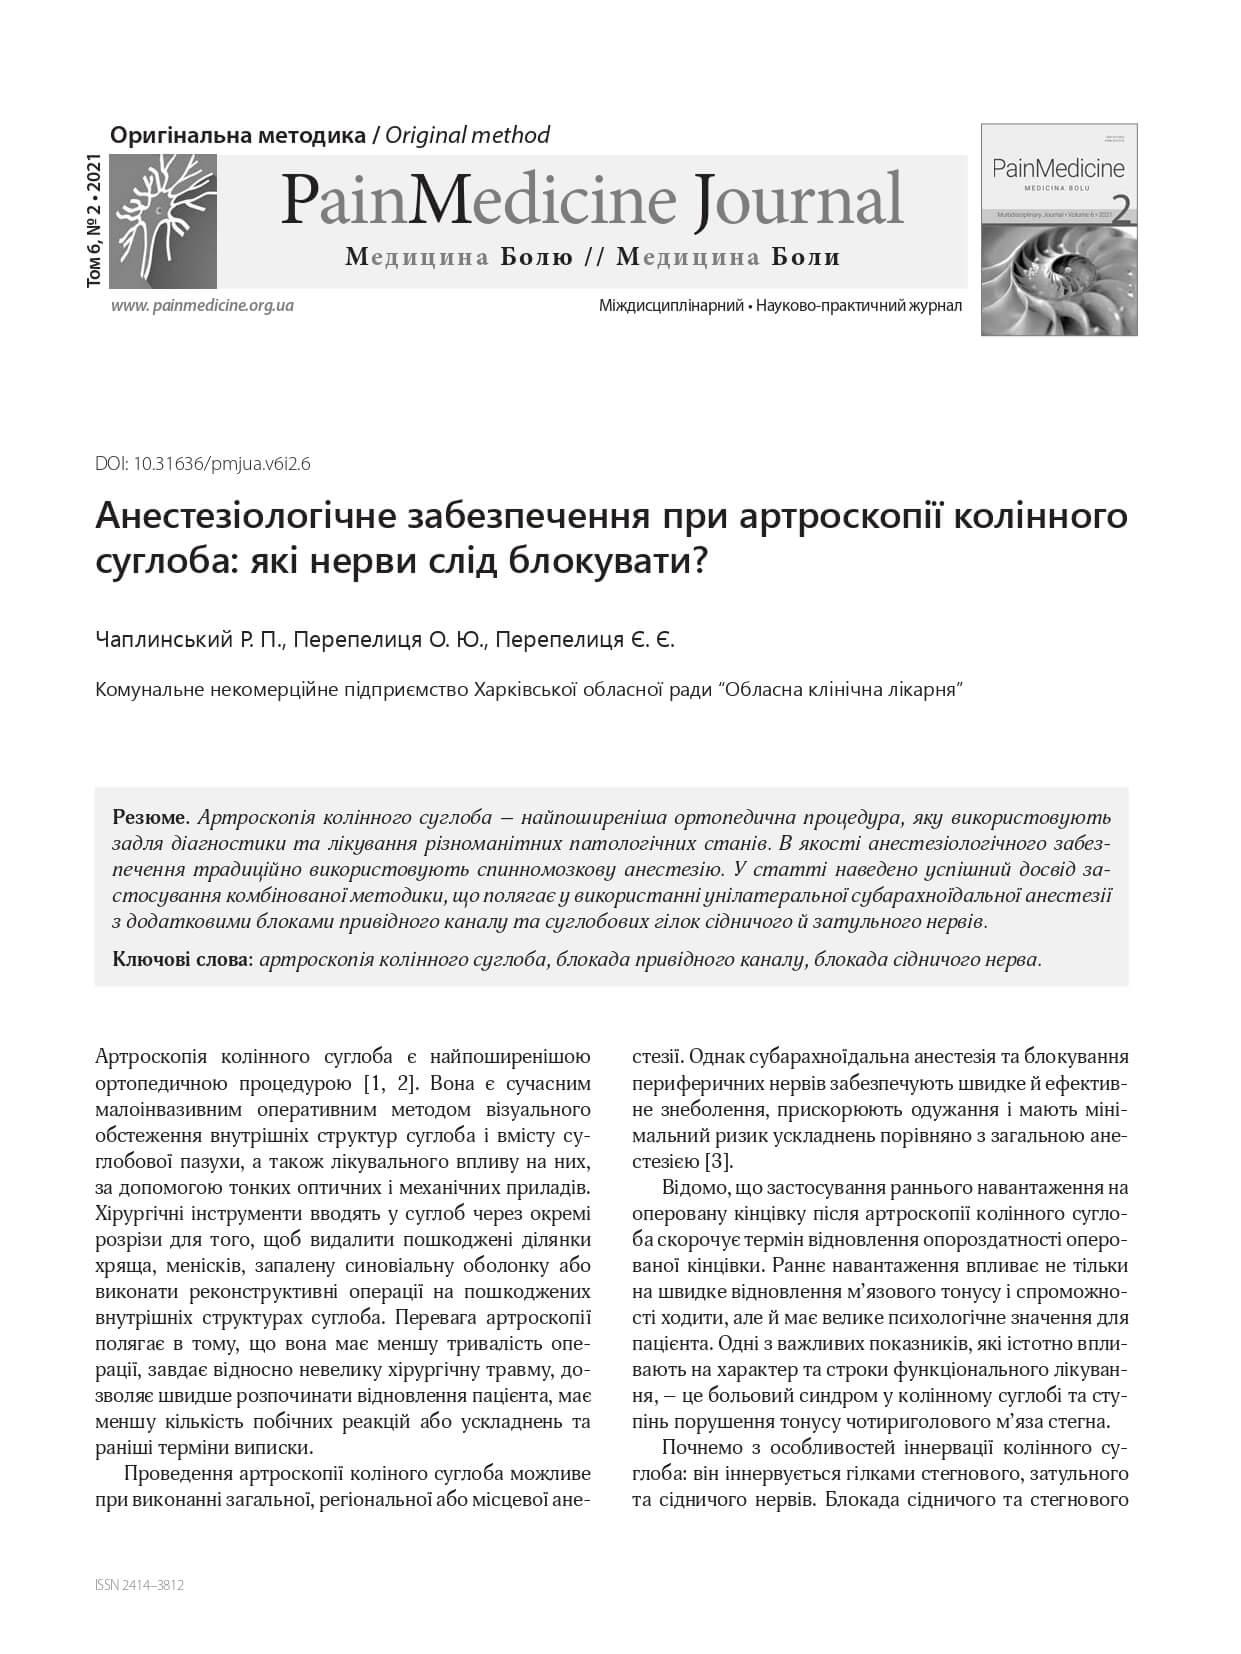 Анестезіологічне забезпечення при артроскопії колінного  суглоба: які нерви слід блокувати?